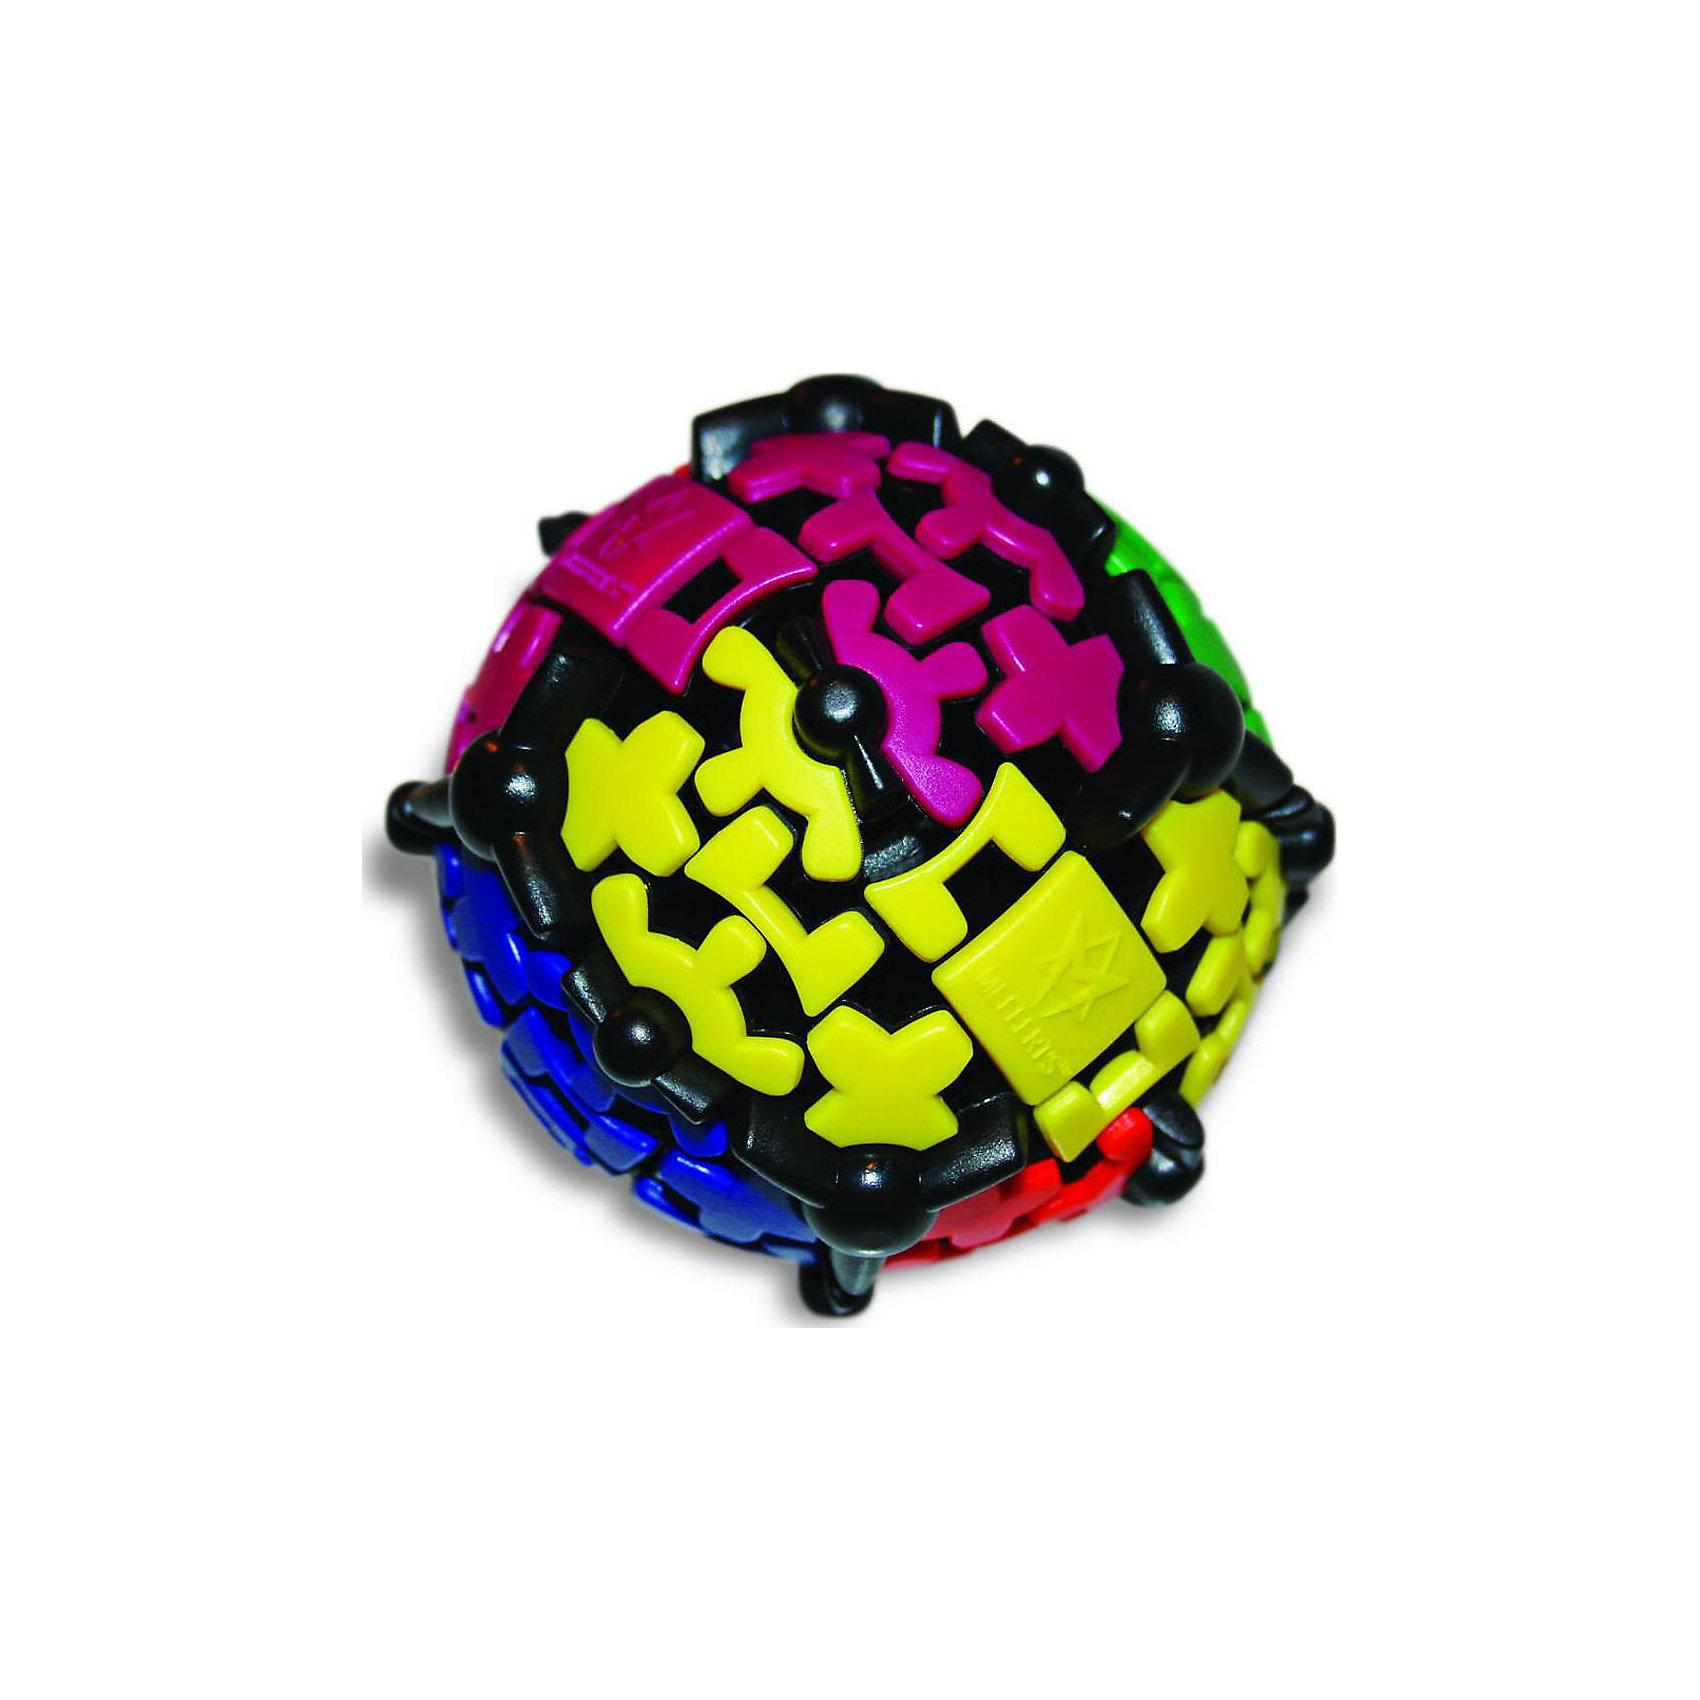 Шестеренчатый Шар Gear Ball, MeffertsГоловоломки<br>Шестеренчатый Шар Gear Ball, Mefferts.<br><br>Характеристики:<br><br>- Диаметр шара: 8,5 см.<br>- Материал: пластик<br>- Автор: знаменитый изобретатель Oskar van Deventer, при участии Uwe Meffert<br>- Награда: Медаль Best Vacation Toy 2013 (Лучшая игрушка для отпуска) от Dr.Toy, США<br><br>Шестеренчатый Шар Gear Ball, Mefferts – это невероятно интересная и увлекательная головоломка. Задача состоит в том, чтобы собрать каждый из 6 цветов на своей стороне шара, научившись справляться с упрямыми шестеренками. Шестеренчатый Шар очень подвижный и завораживающий своими плавными движениями. Все элементы, кроме 6 разноцветных квадратов, задействованы в шестеренчатом механизме, захватившем поверхность головоломки. В результате, любой поворот вызывает движение сразу на нескольких плоскостях шара, создавая хаос, которым нужно научиться управлять, прикатывая зубчатые элементы к квадрату соответствующего цвета. Механика игры немного напоминает кубик Рубика, но ее сложность значительно меньше. Головоломка «Шестеренчатый Шар Gear Bal» произведет впечатление на любого человека, а для коллекционера головоломок станет настоящей жемчужиной. Головоломка изготовлена из качественного пластика, прослужит долго и сохранит превосходный внешний вид даже через много лет.<br><br>Шестеренчатый Шар Gear Ball, Mefferts можно купить в нашем интернет-магазине.<br><br>Ширина мм: 105<br>Глубина мм: 110<br>Высота мм: 130<br>Вес г: 400<br>Возраст от месяцев: 84<br>Возраст до месяцев: 2147483647<br>Пол: Унисекс<br>Возраст: Детский<br>SKU: 5348108